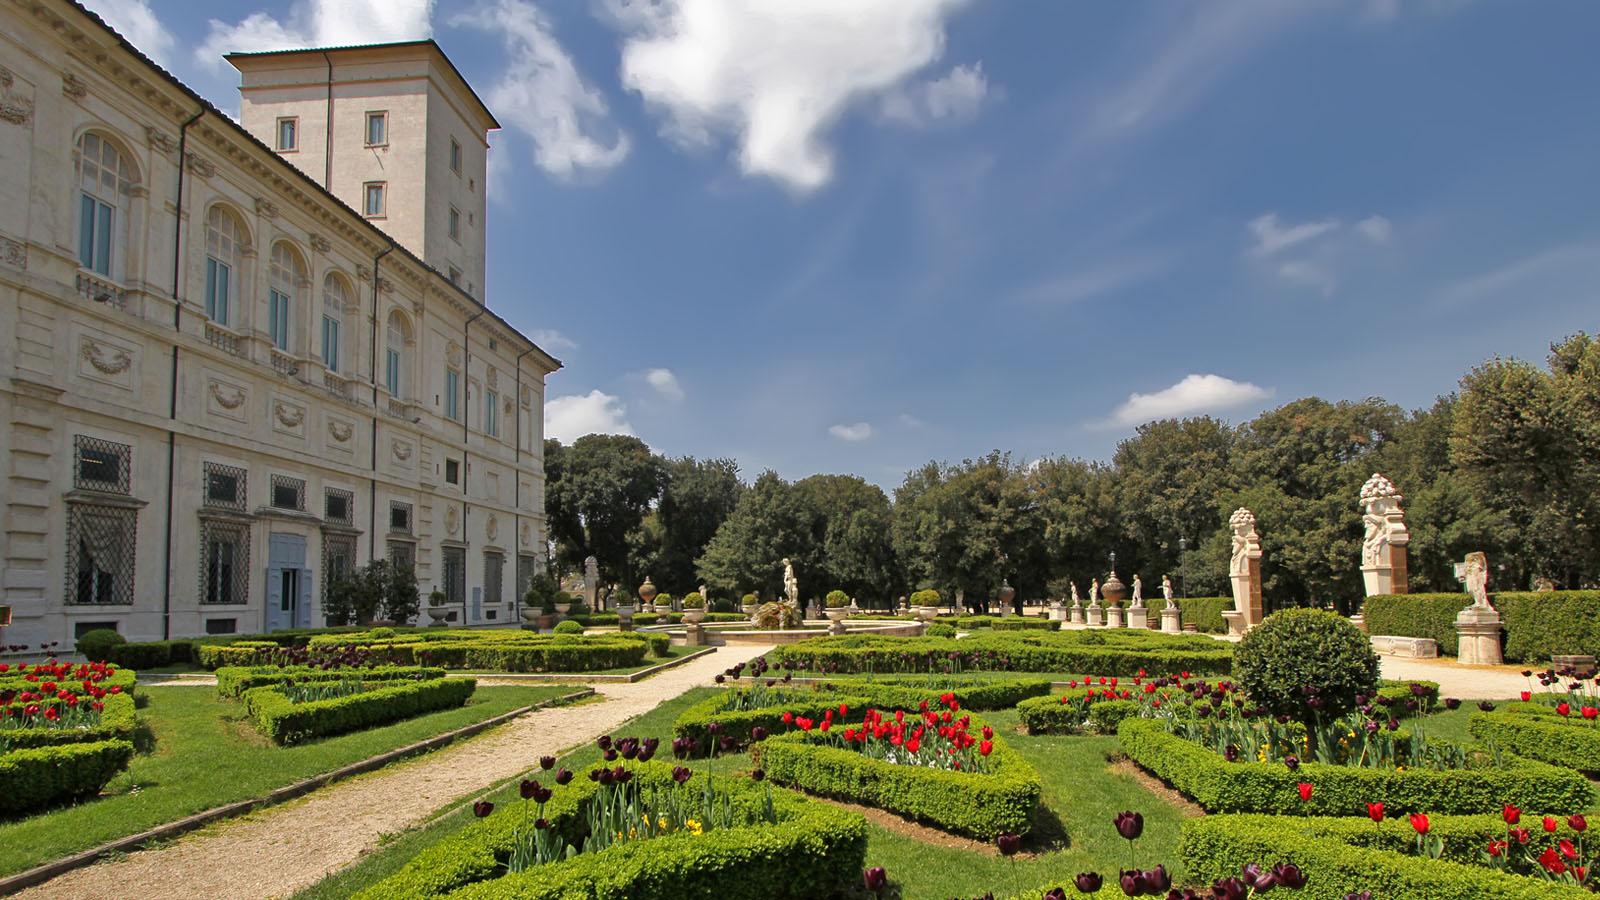 villa-borghese-rome-italy